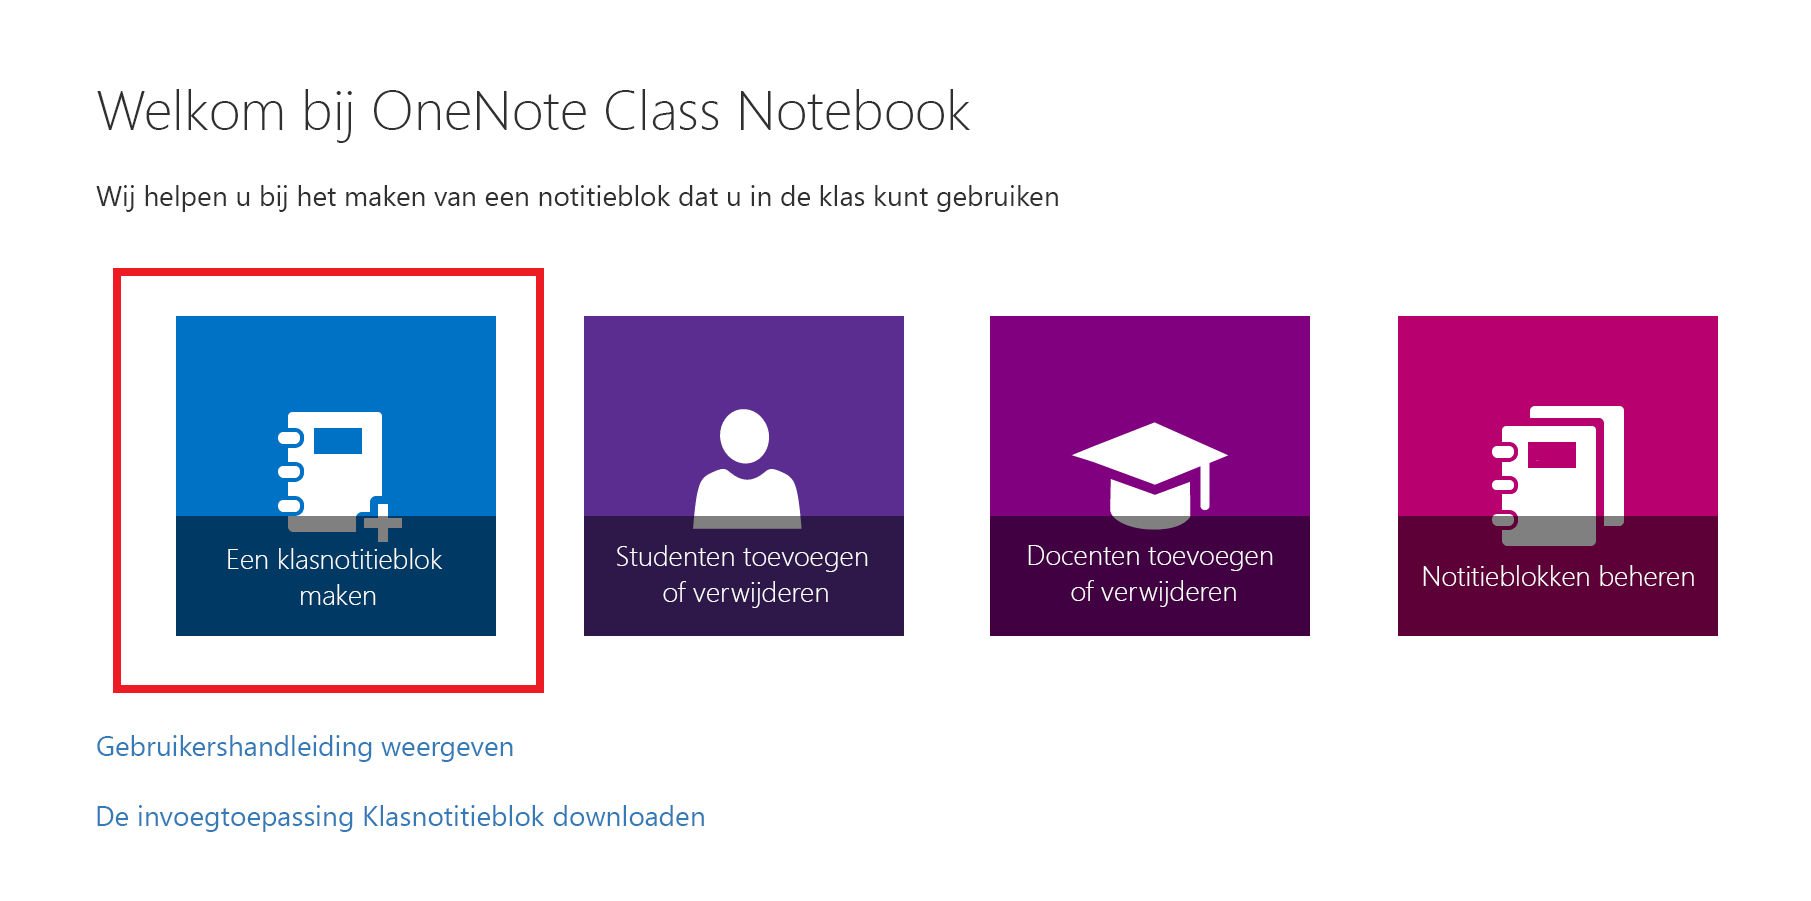 Schermafbeelding van de welkomstpagina van de Class Notebook-app.